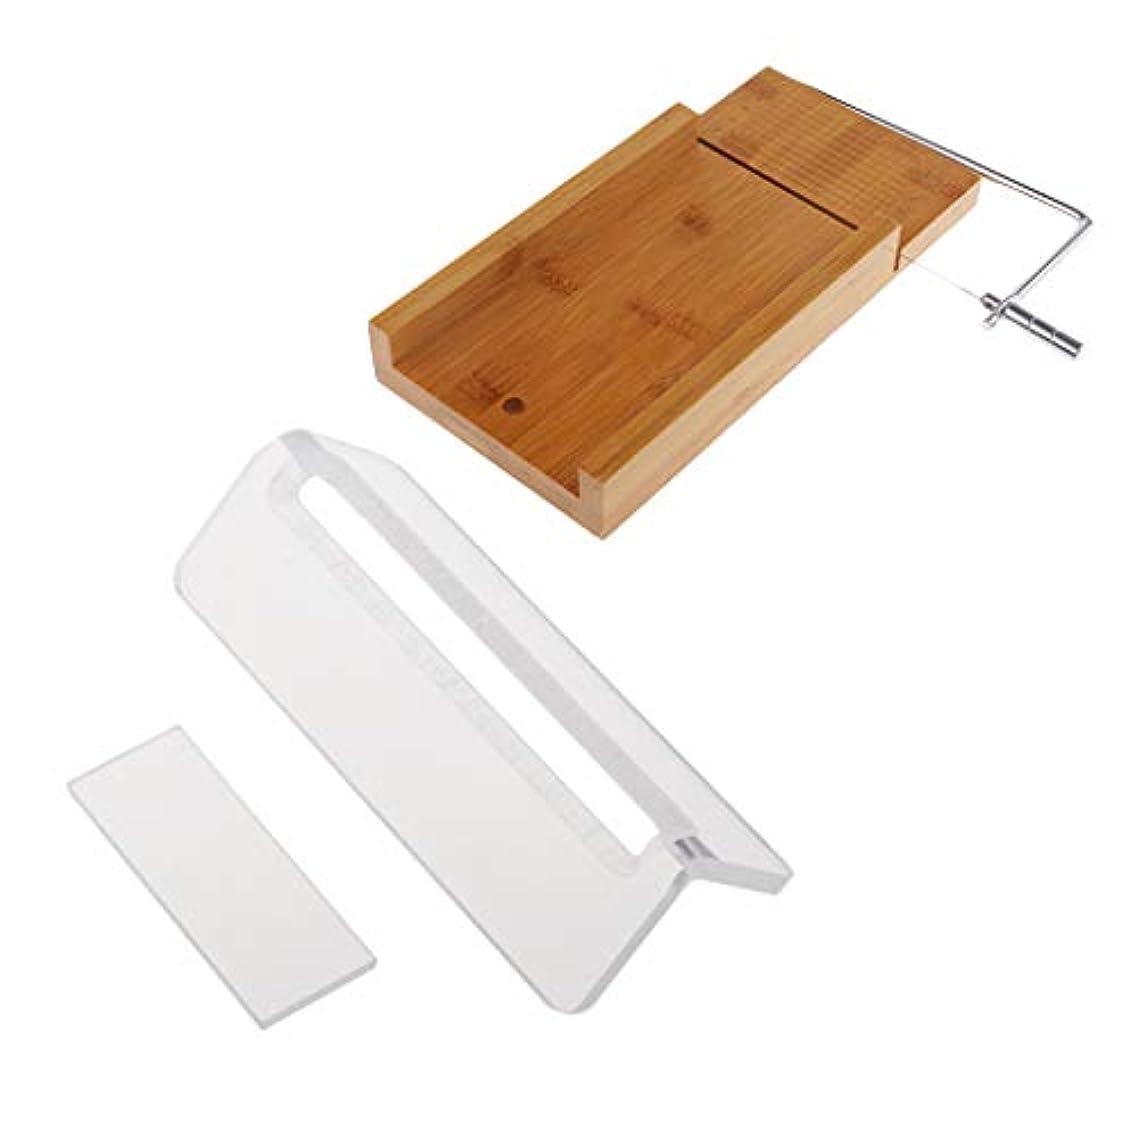 調べる熟読するしたいFLAMEER ローフカッター 木製 ソープ包丁 石鹸カッター 手作り石鹸 DIY キッチン用品 2個入り